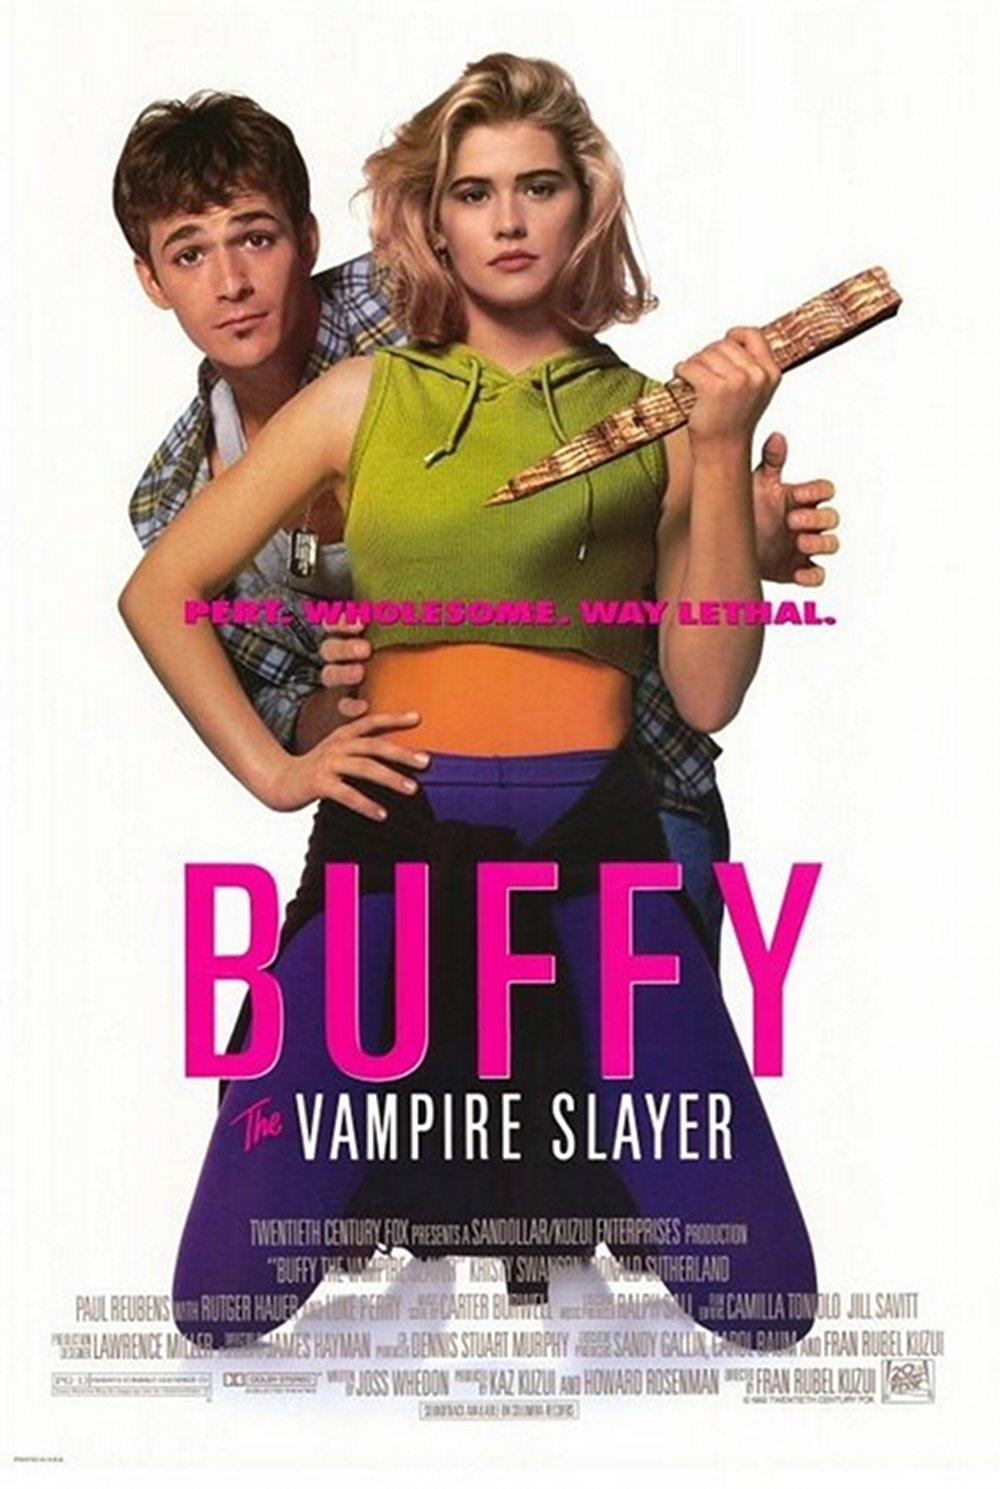 ბაფი ვამპირების გამანადგურებელი / Buffy The Vampire Slayer